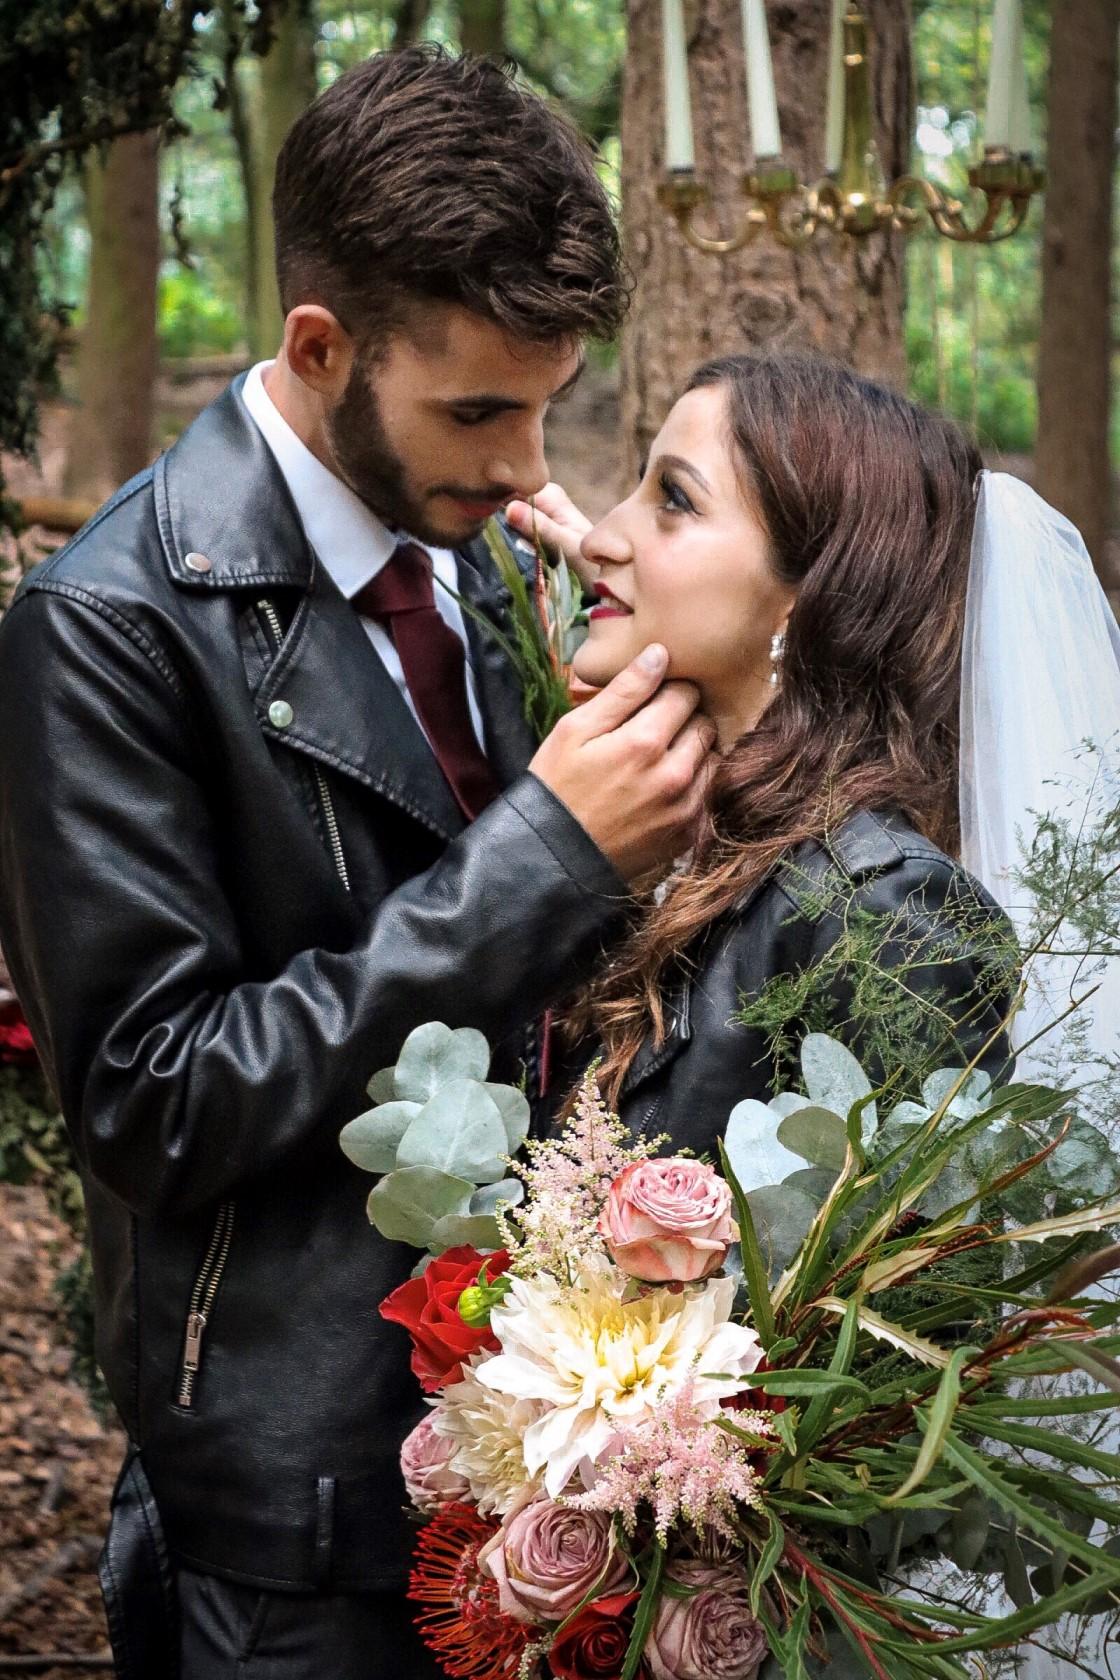 Cole Photography- Boho Punk Wedding- Unconventional Wedding- Quirky Wedding- Alternative Wedding- Unique Wedding Ideas- Unique Bridal Wear- Unique Wedding Dress- Woodland Wedding- Boho Wedding- Punk Wedding